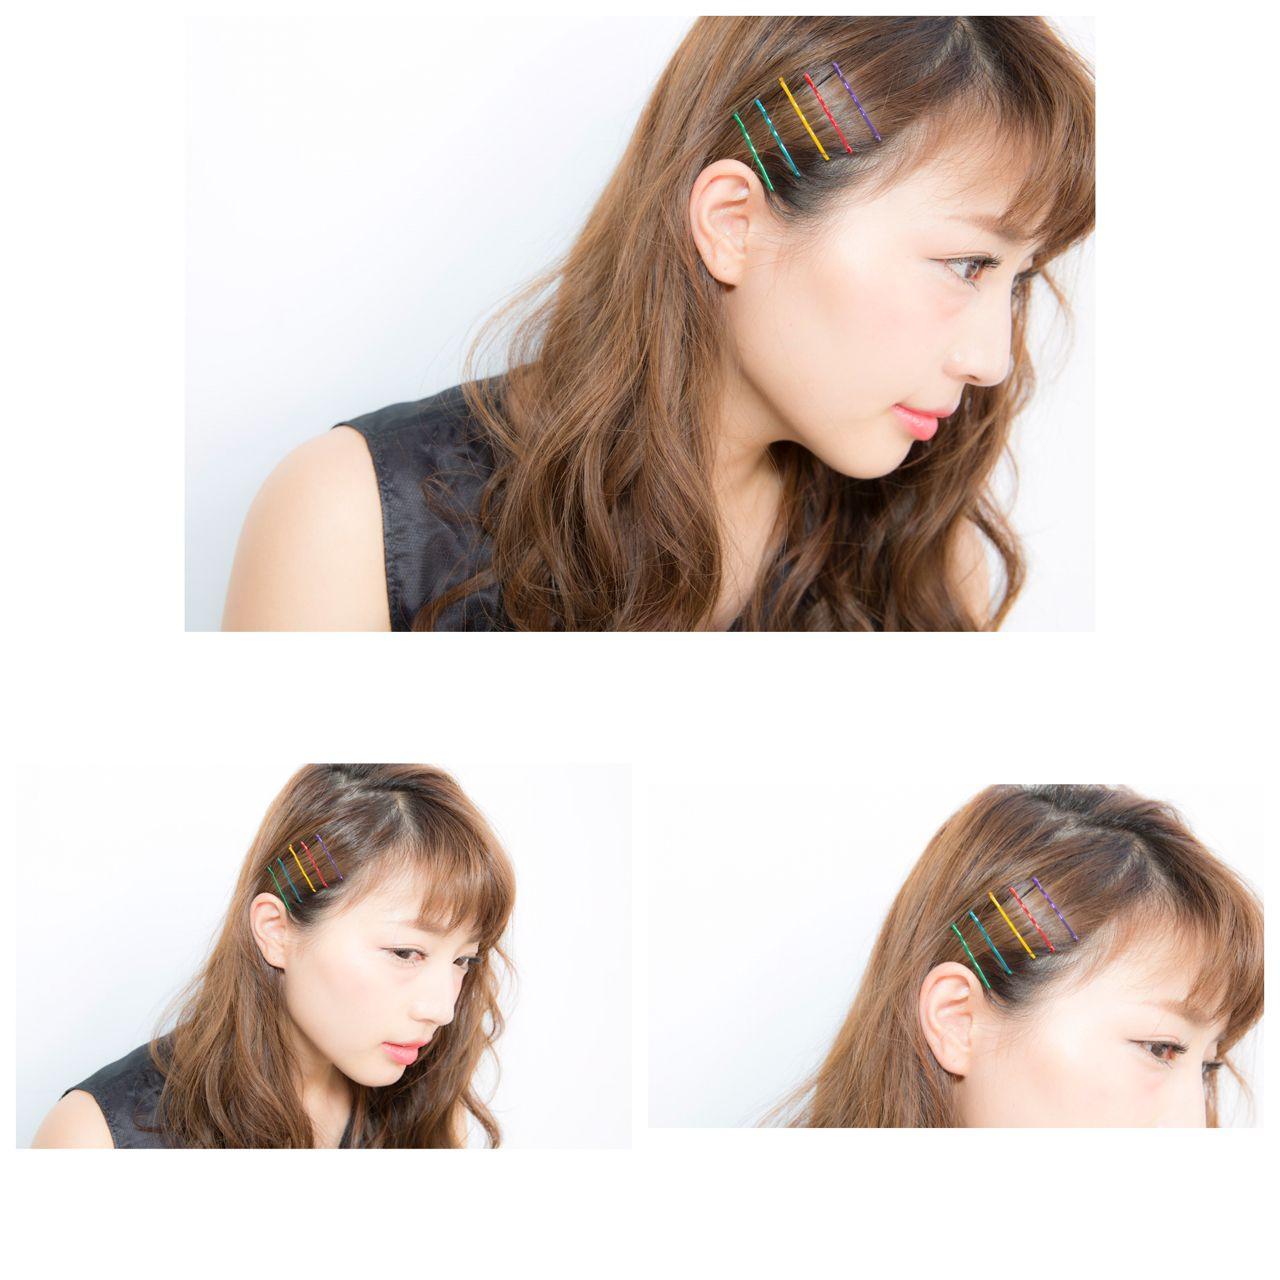 ラフ ヘアピン ヘアアレンジ ストリート ヘアスタイルや髪型の写真・画像